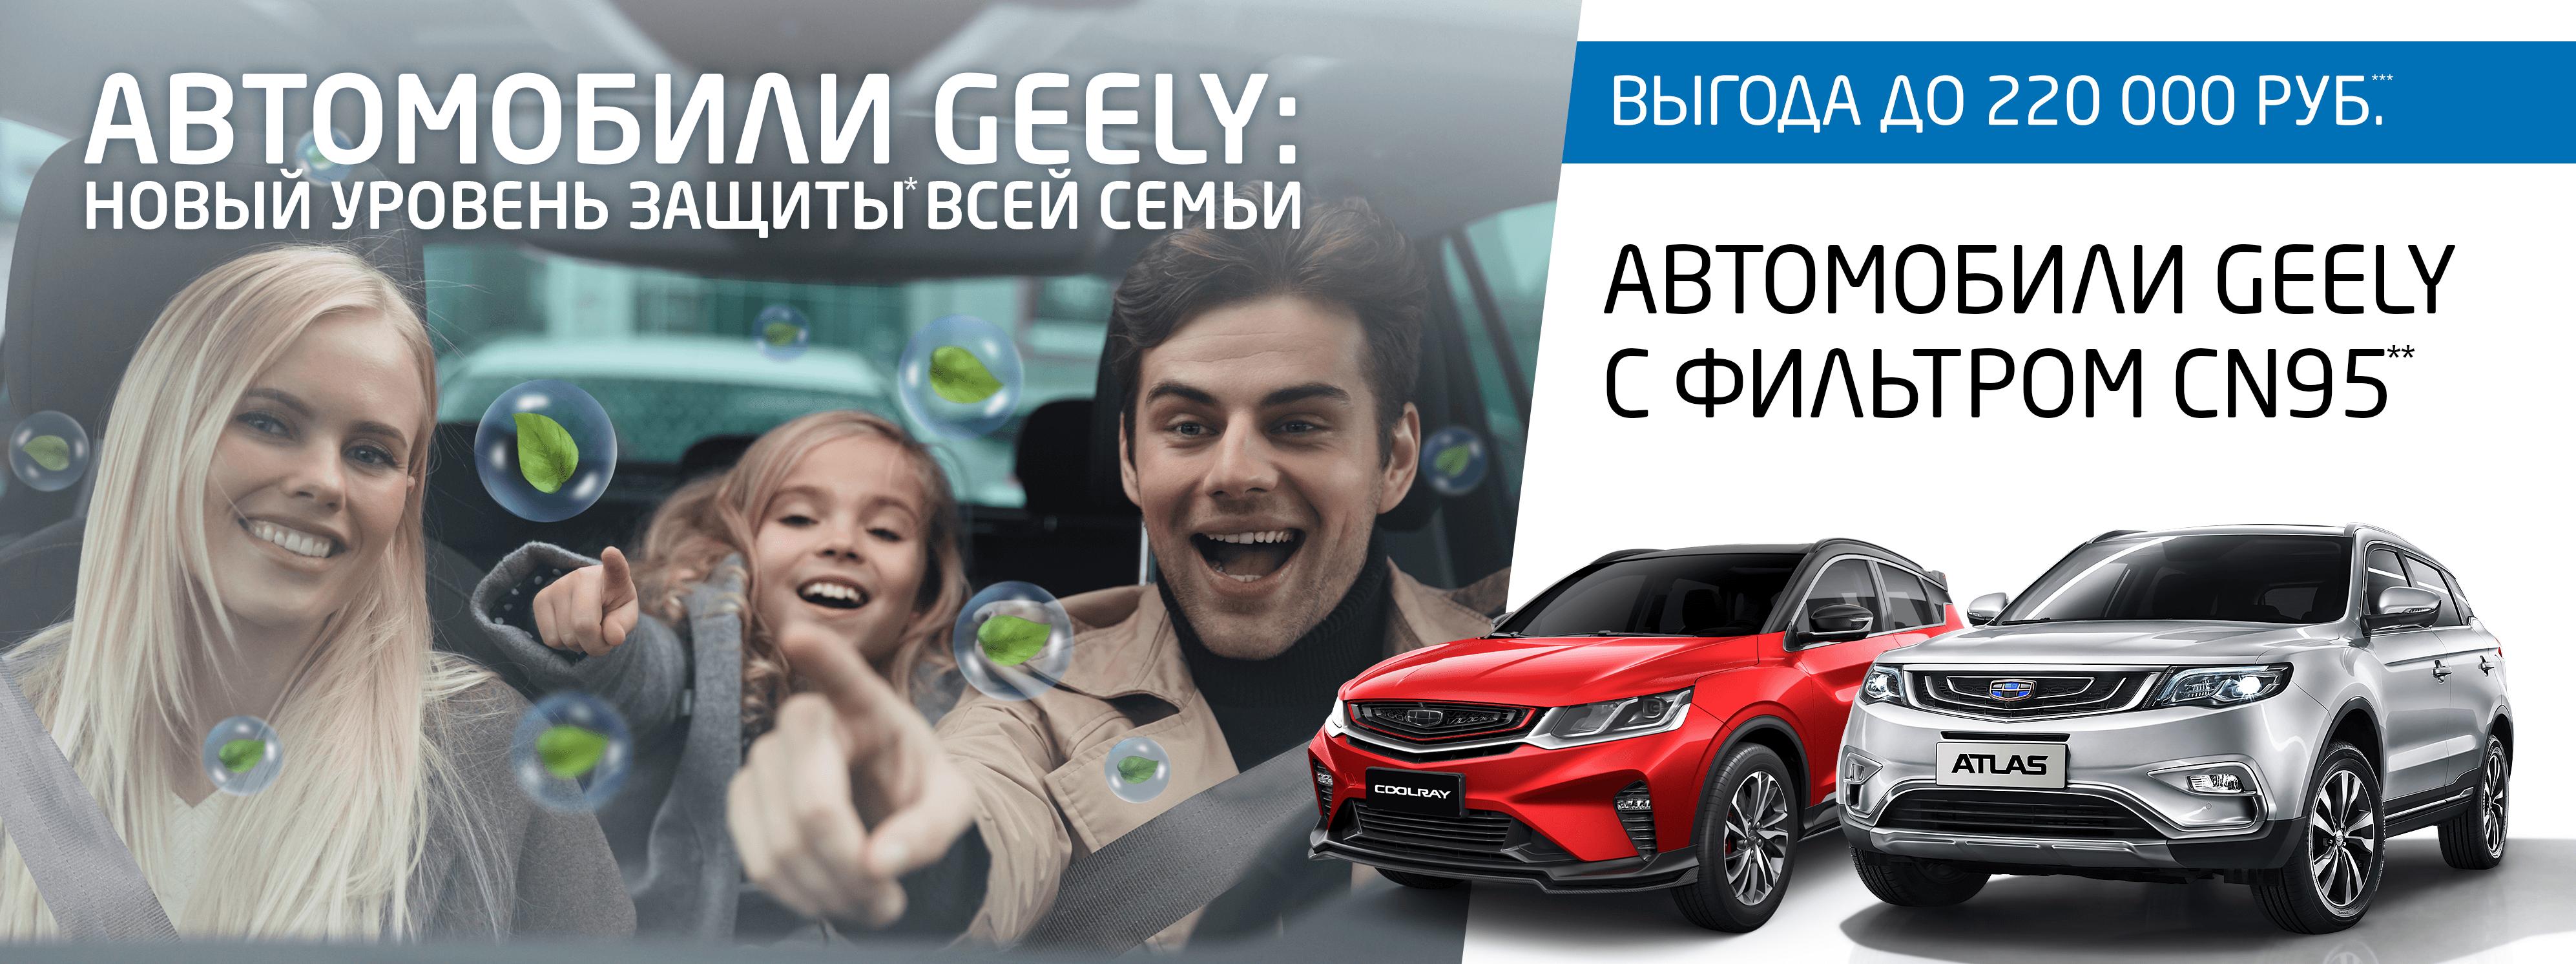 Geely Тюмень Автоград - покупку автомобиля Джили - сервис Джили - запчасти Джили Тюмень